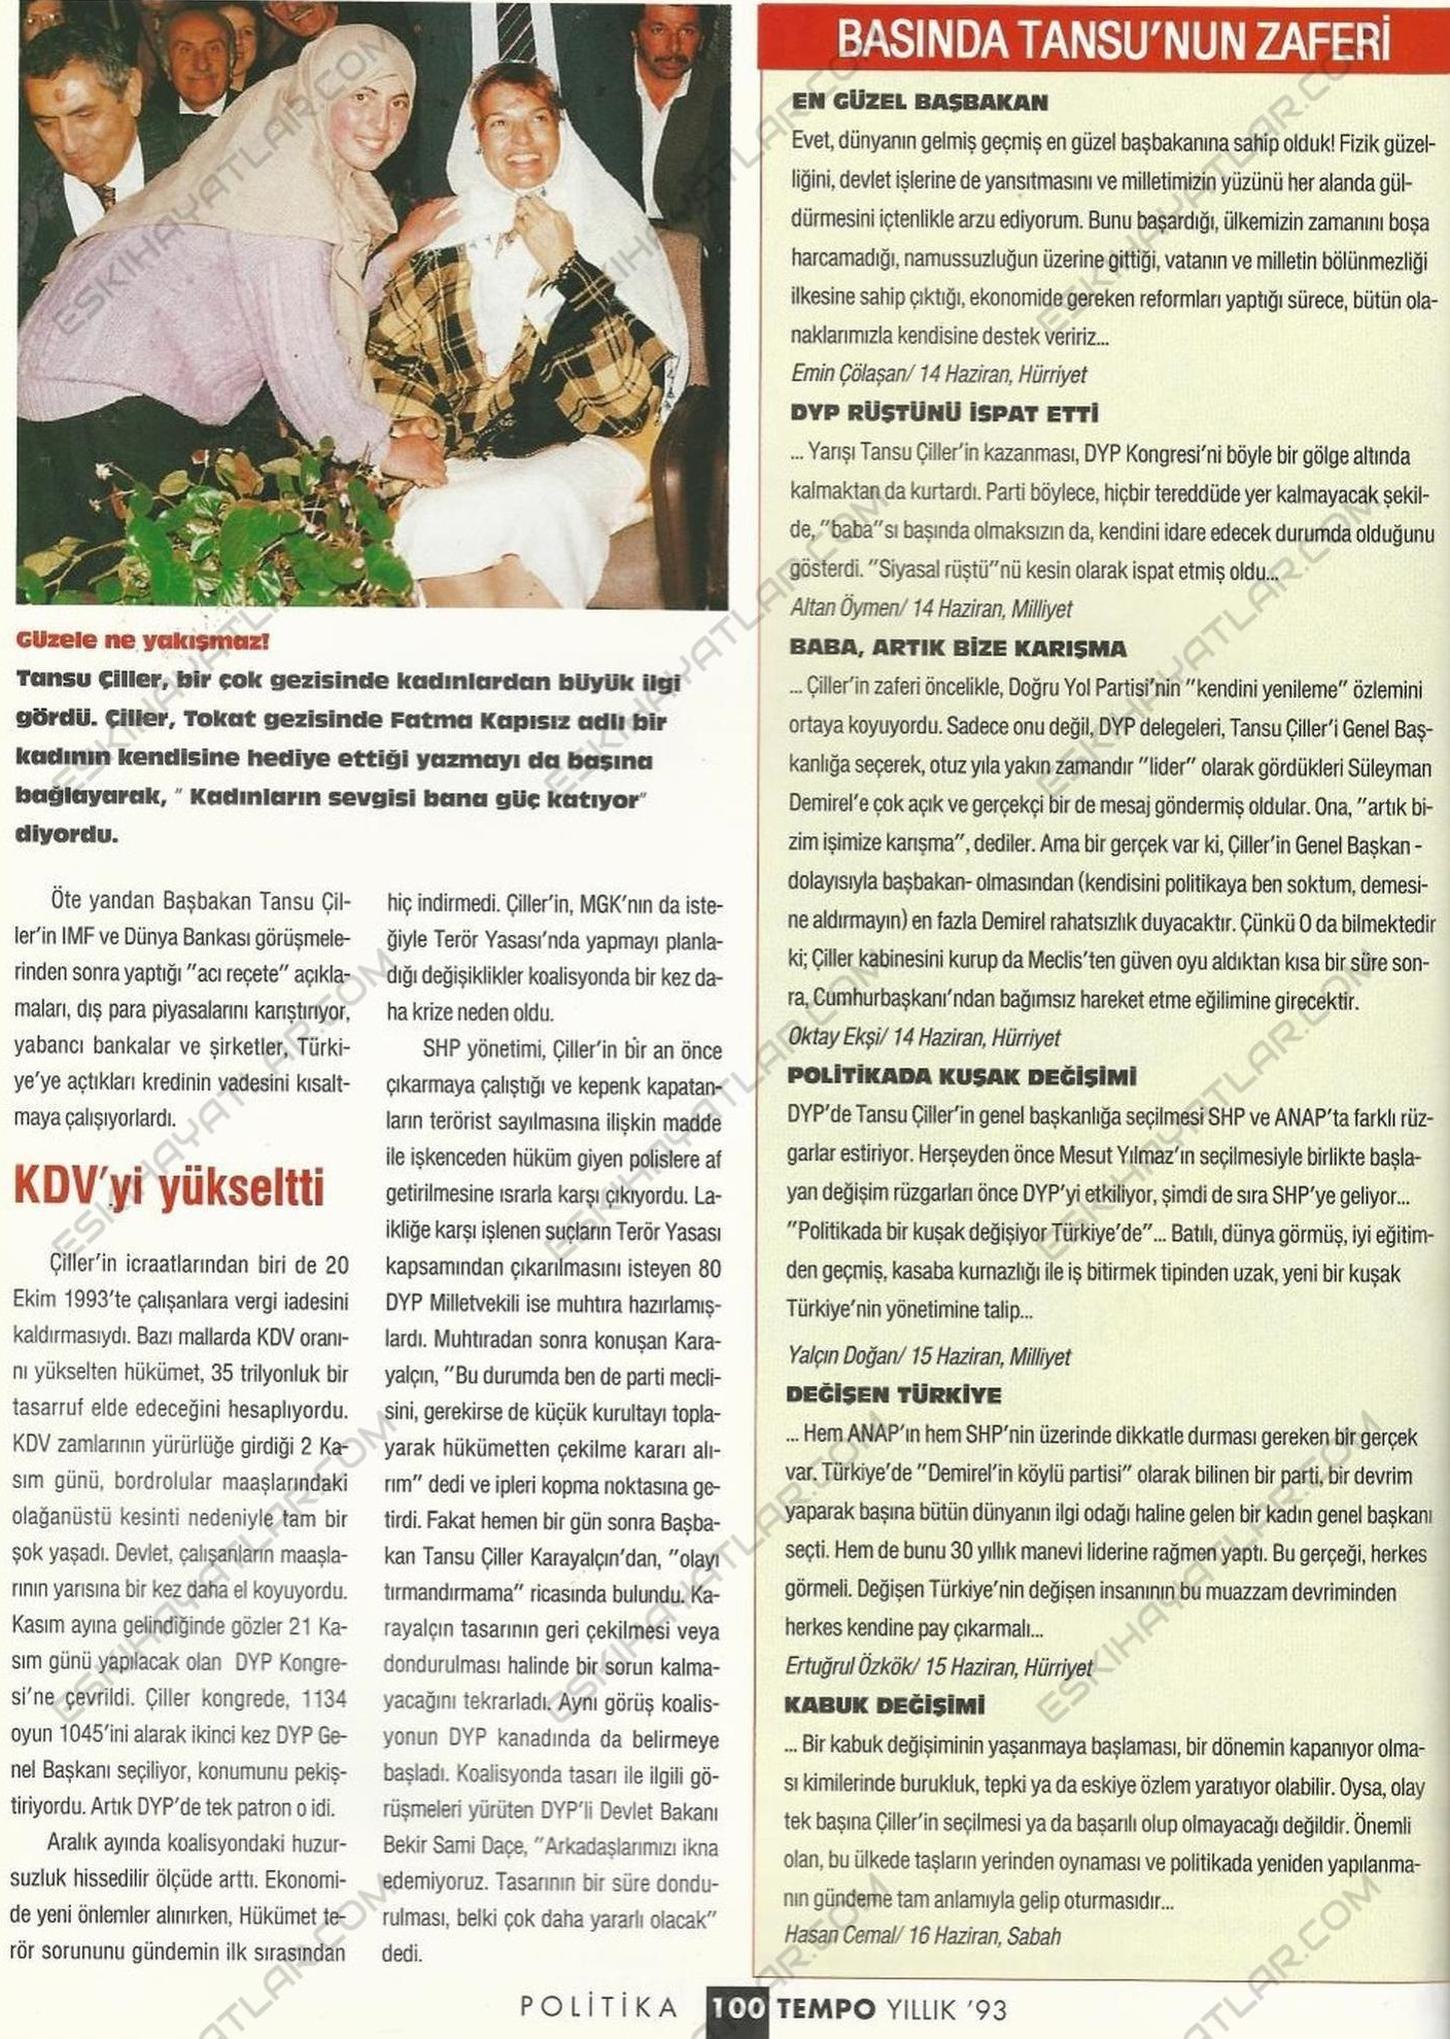 dunyanin-en-guzel-basbakani-tansu-ciller-1993-yilinda-turkiye-dogru-yol-partisi (01)